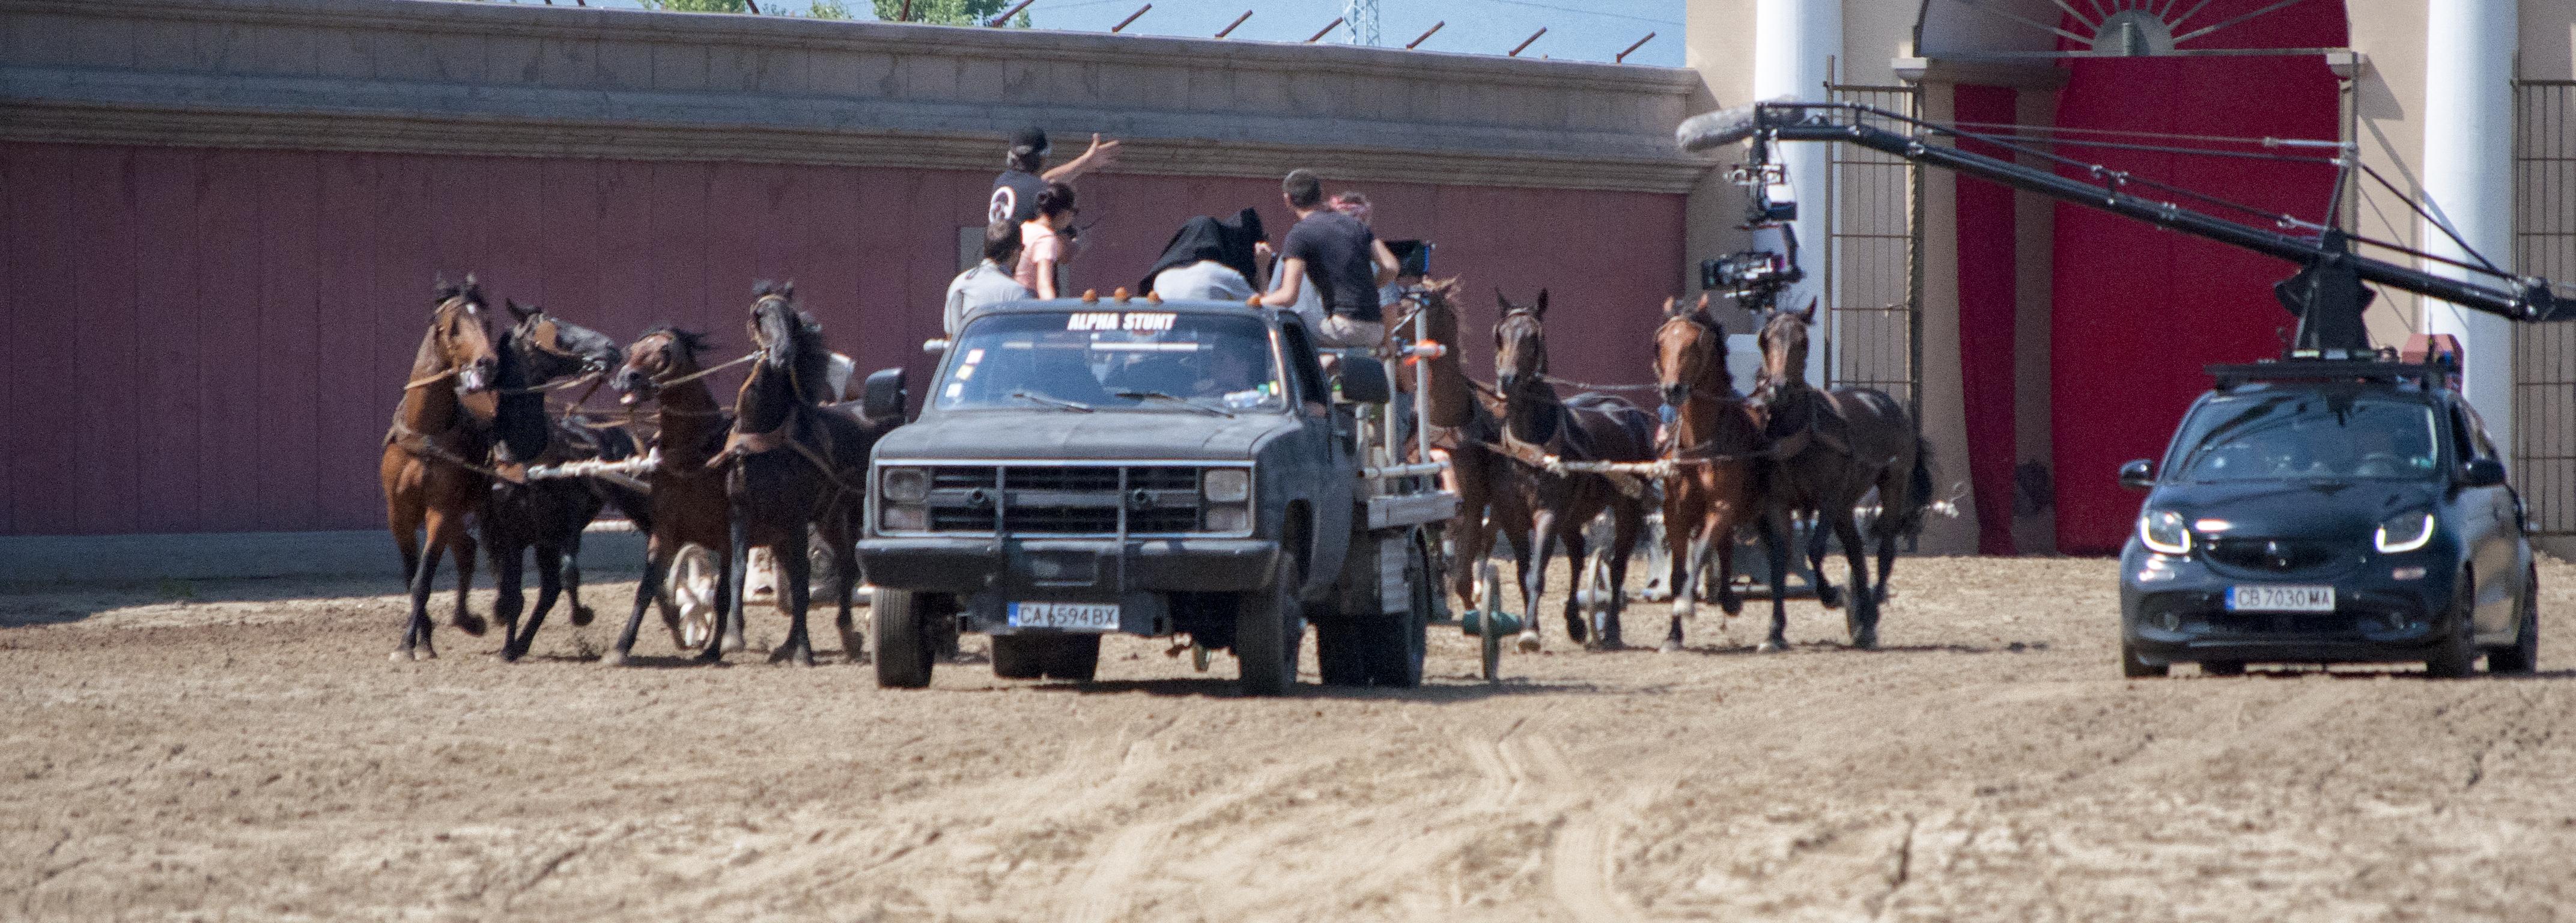 camera vehicle tracking horses stunt